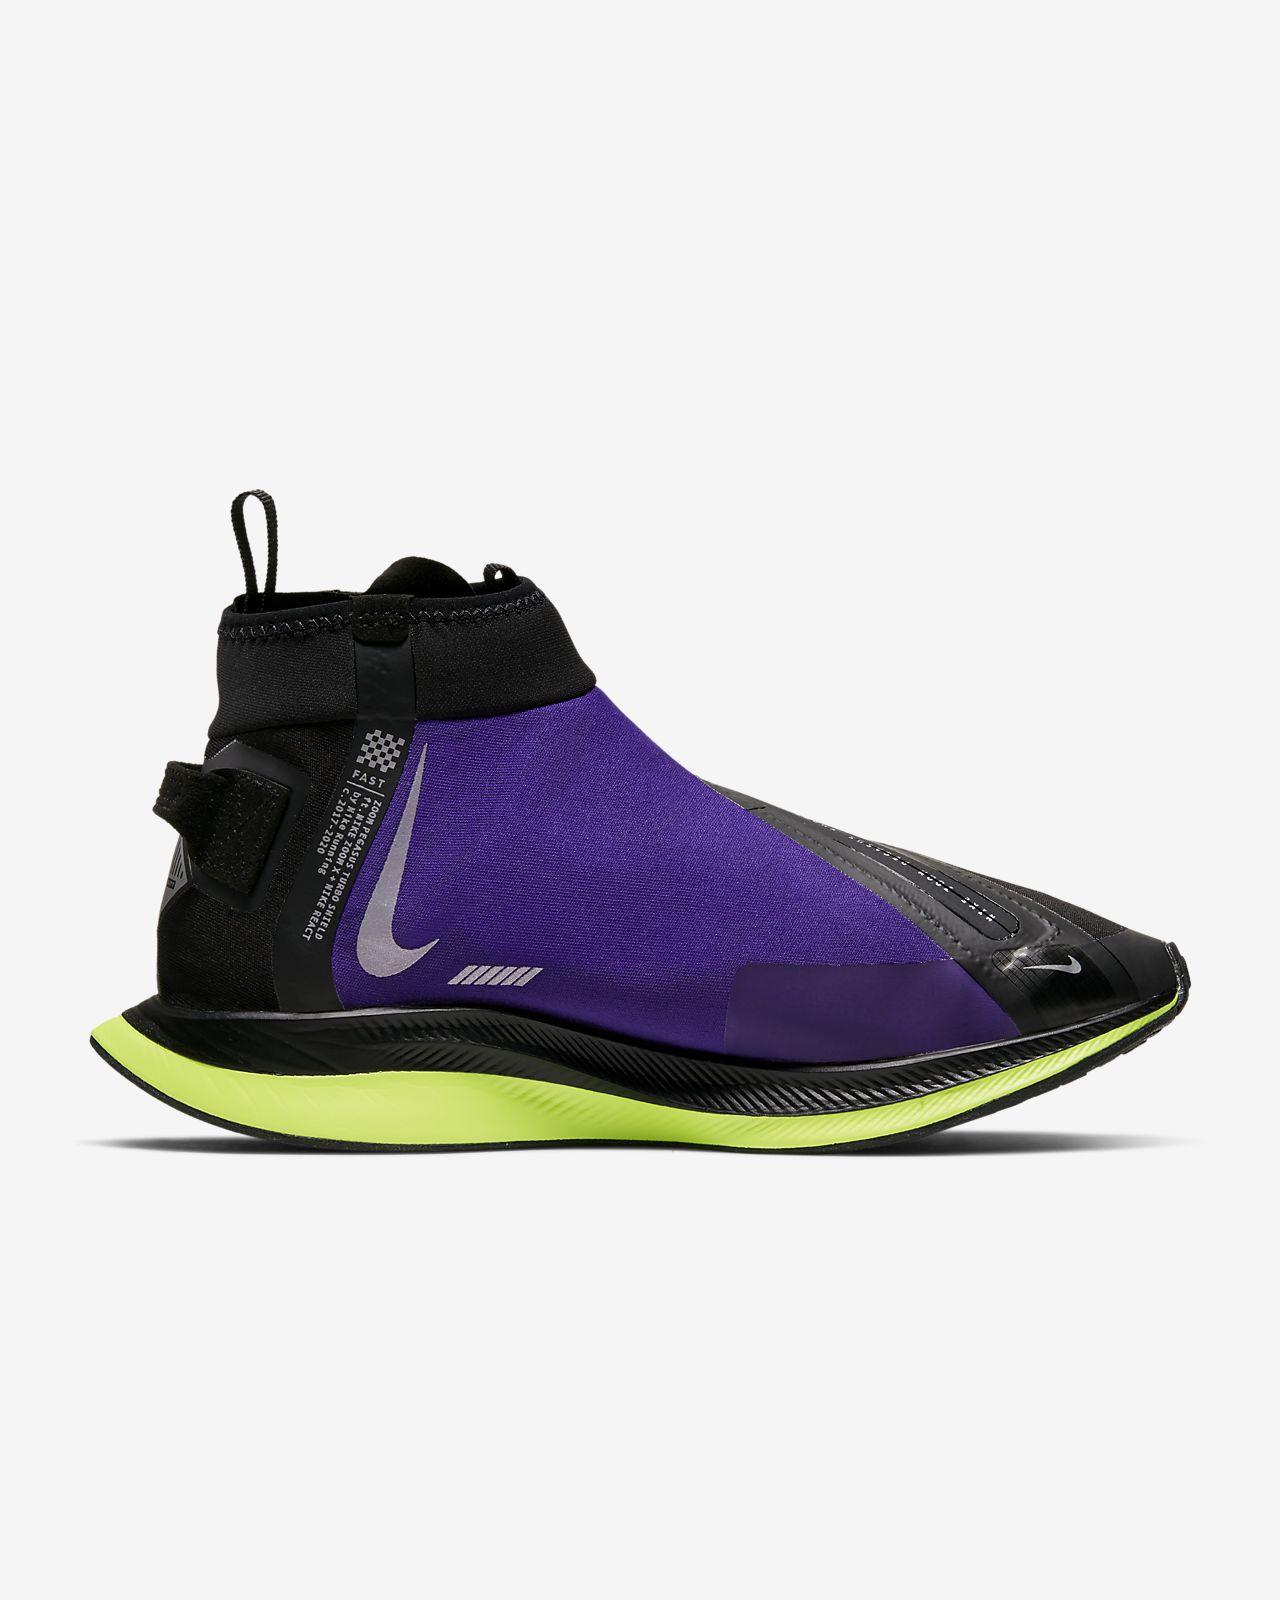 Air Max 2009, Nike Air Max 90 Black Mesh, Nike Shoes